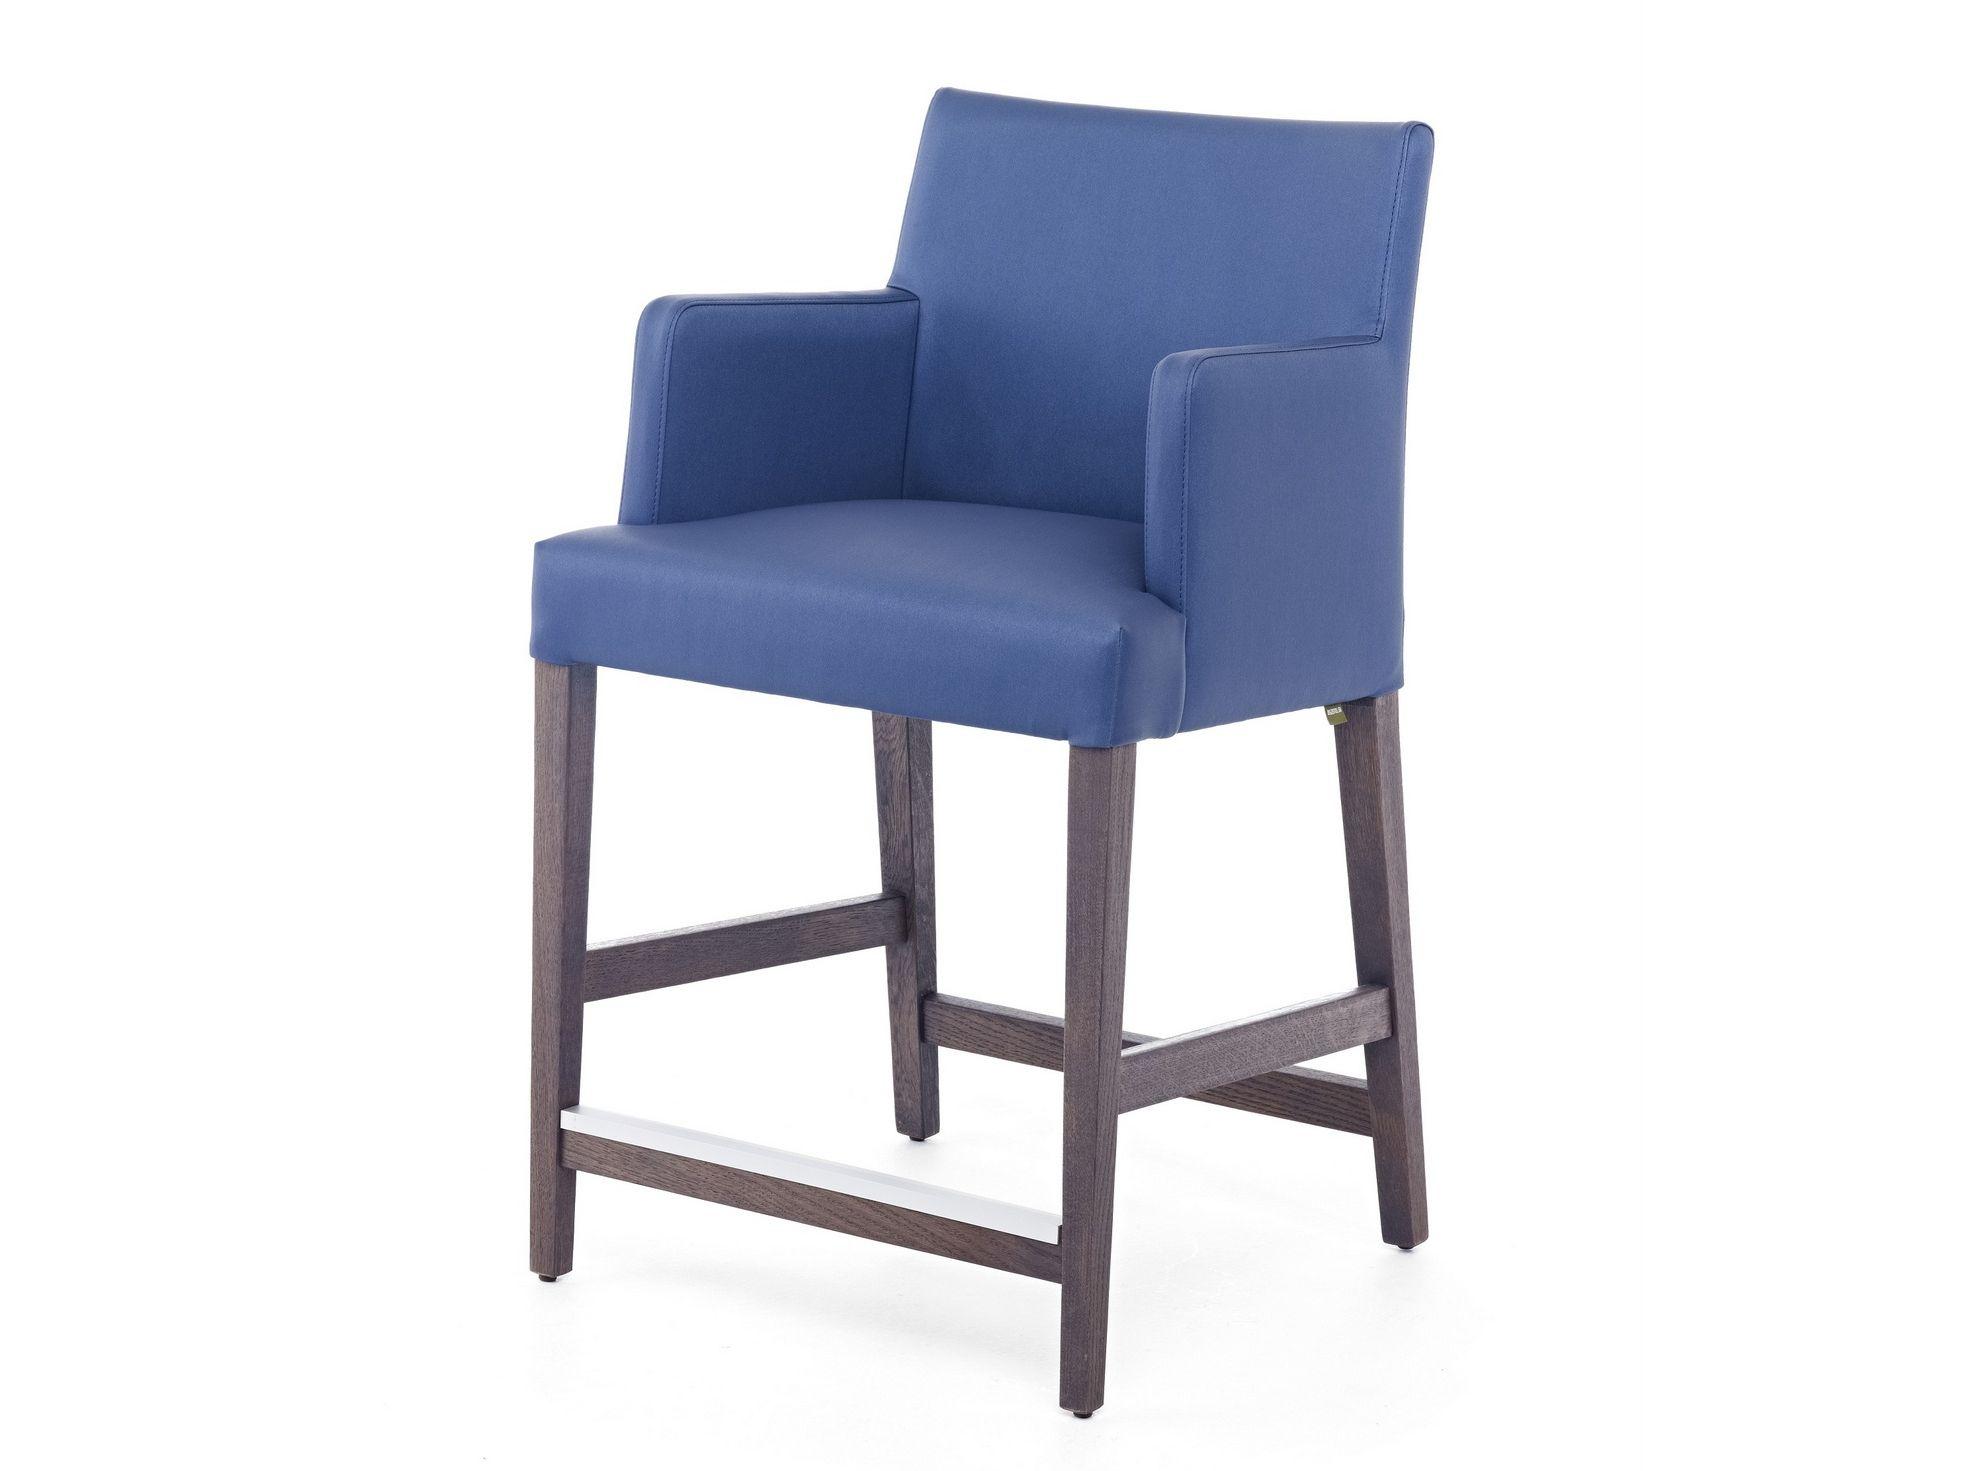 sedia alta in pelle con braccioli con poggiapiedi new gala. Black Bedroom Furniture Sets. Home Design Ideas